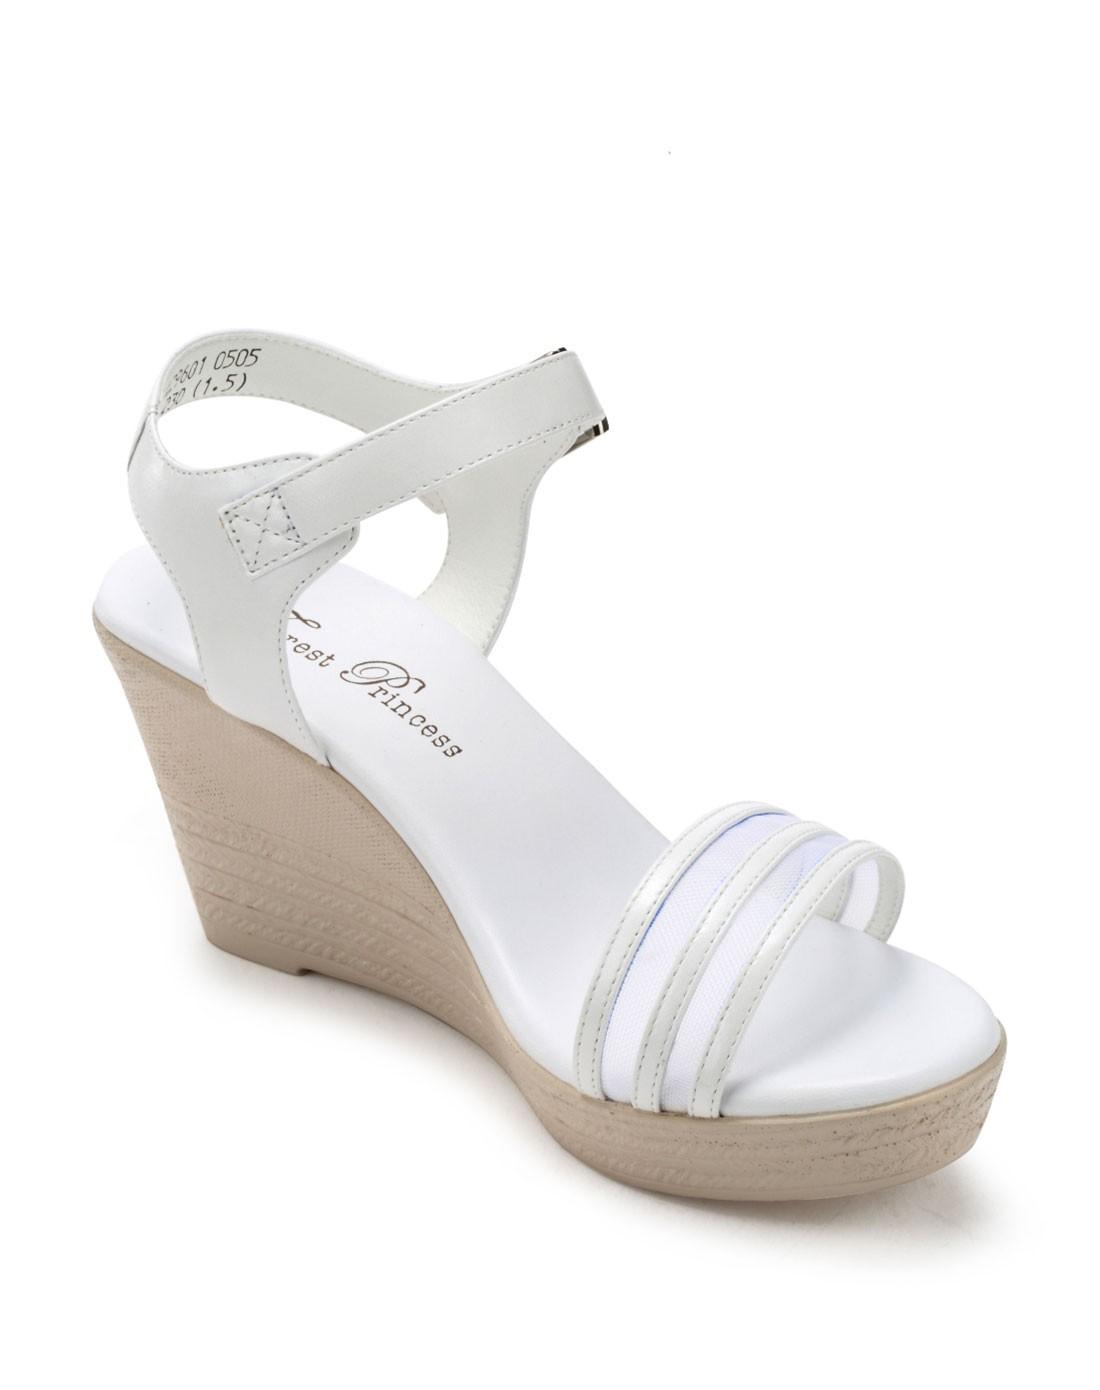 森林公主forest princess白色牛皮条纹网格坡跟凉鞋ff